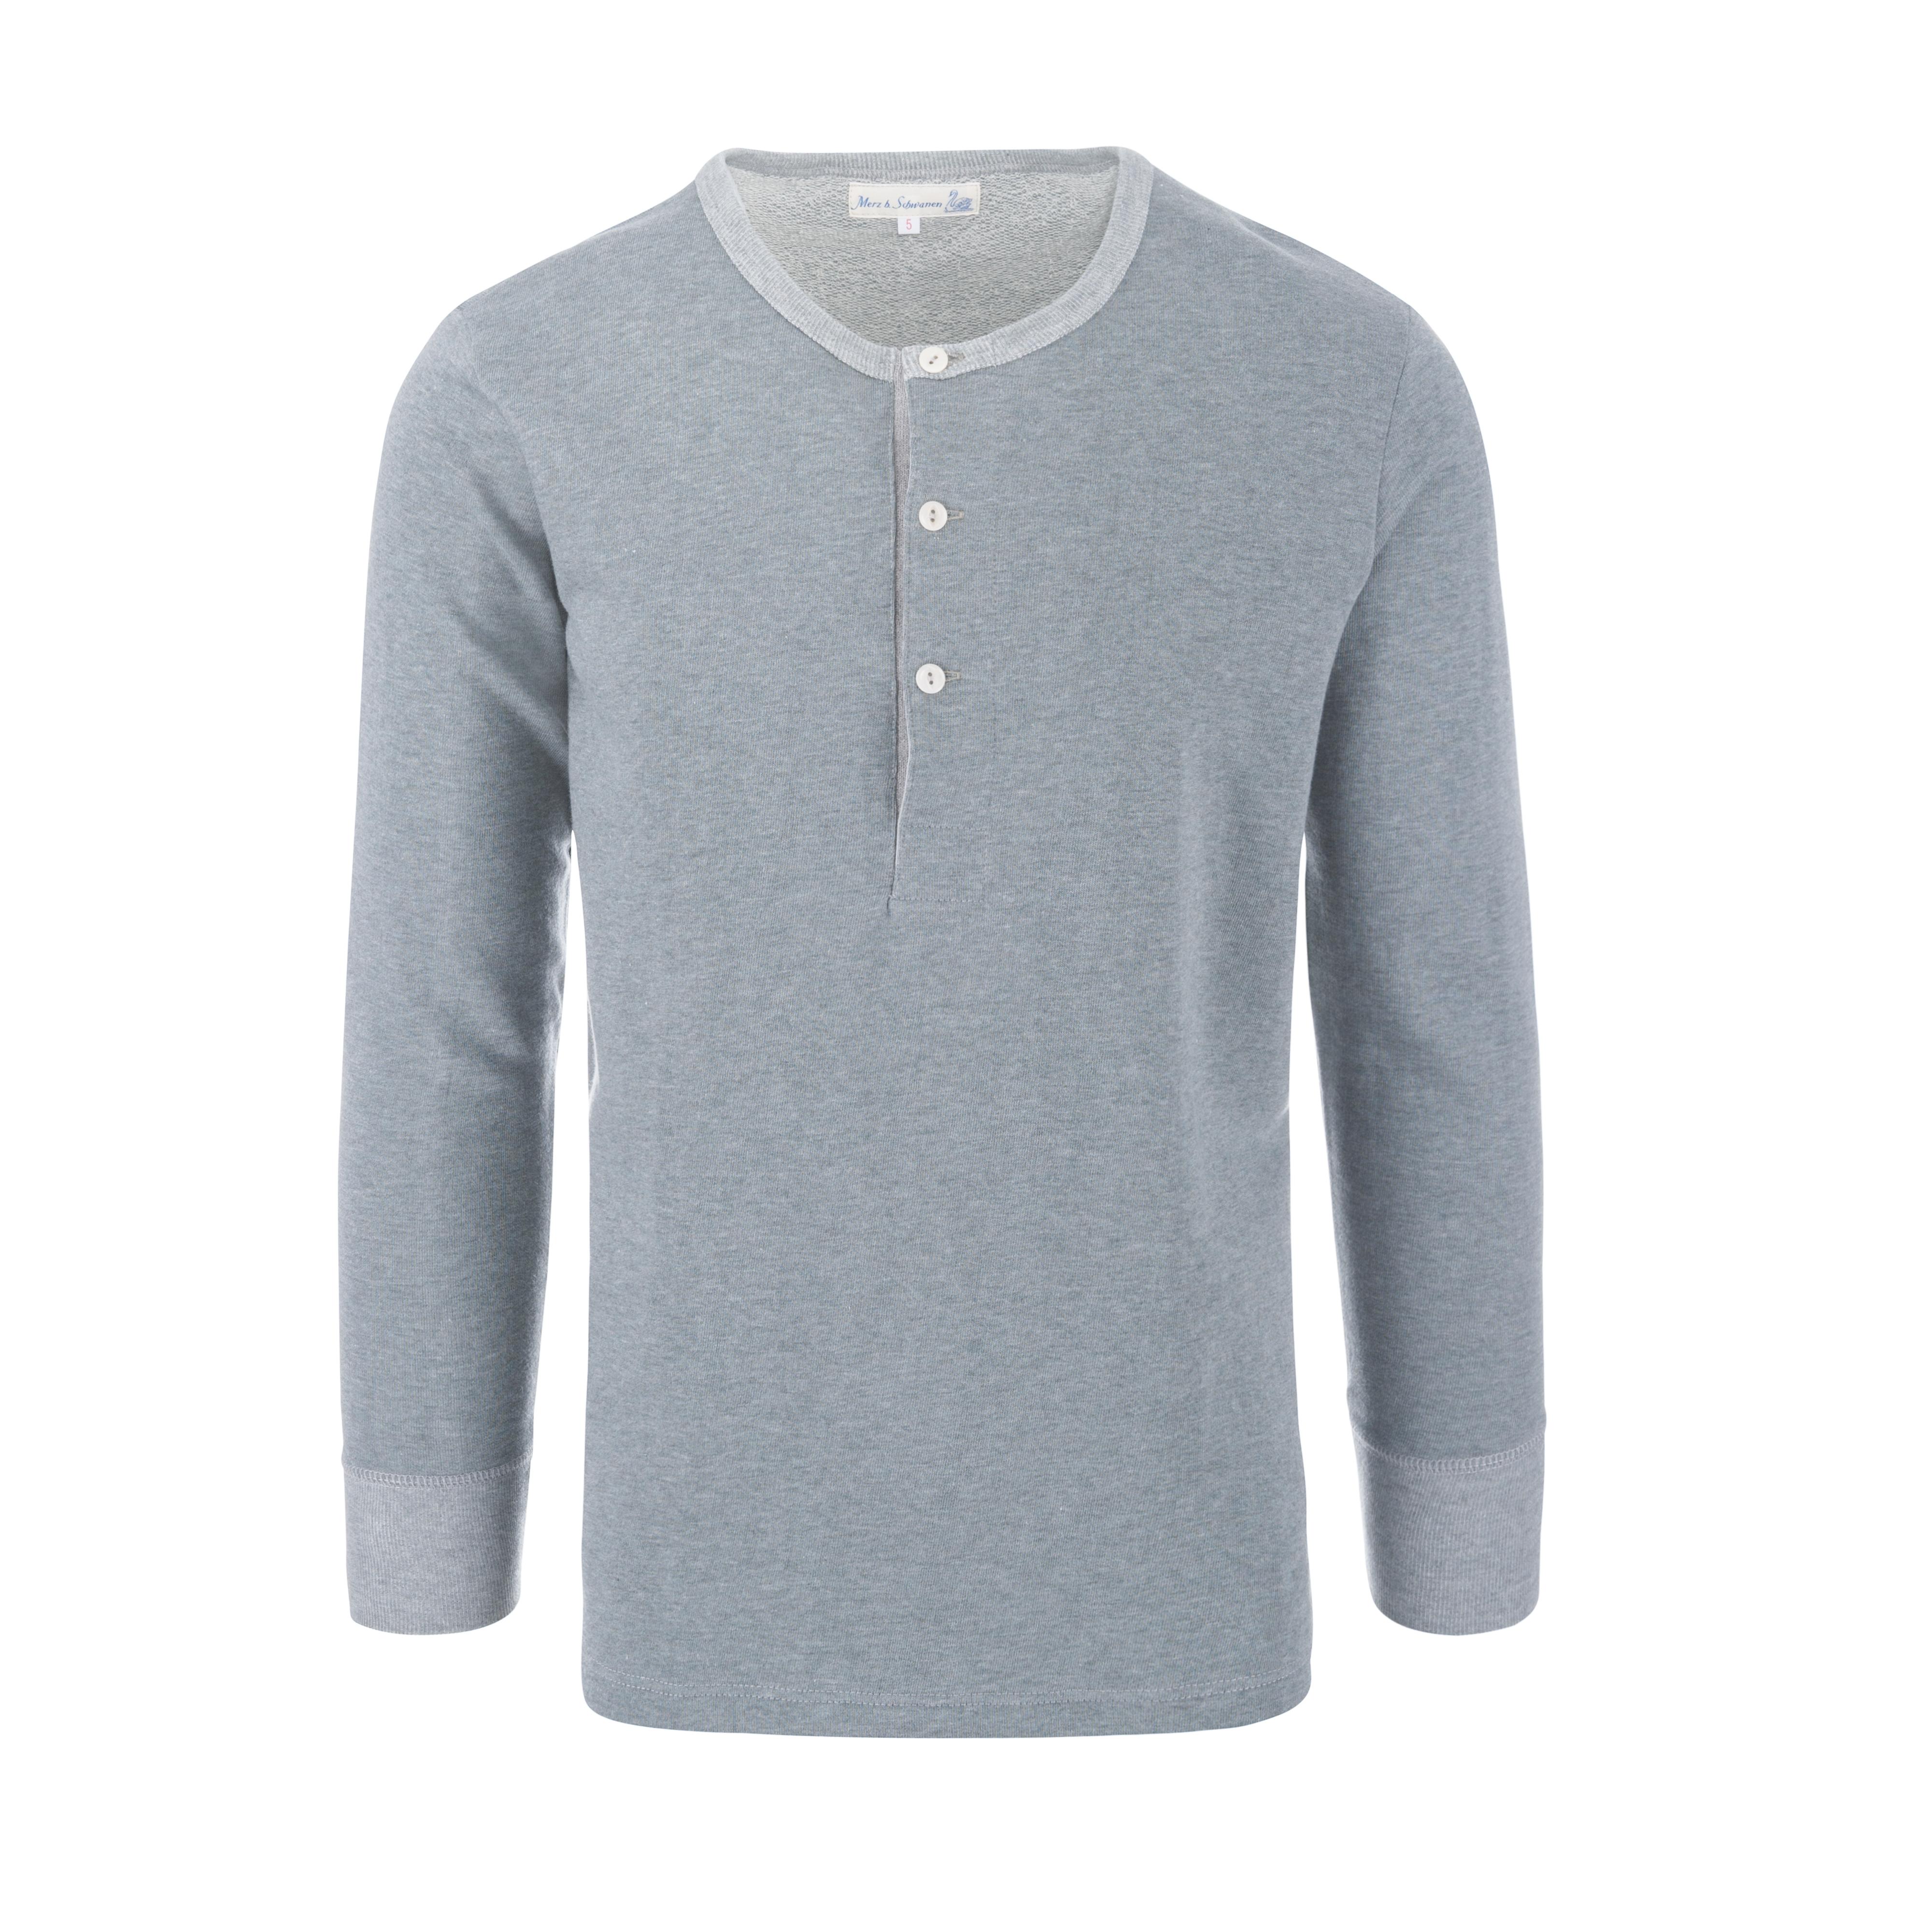 Sweatshirt 3W09 Forest Melange